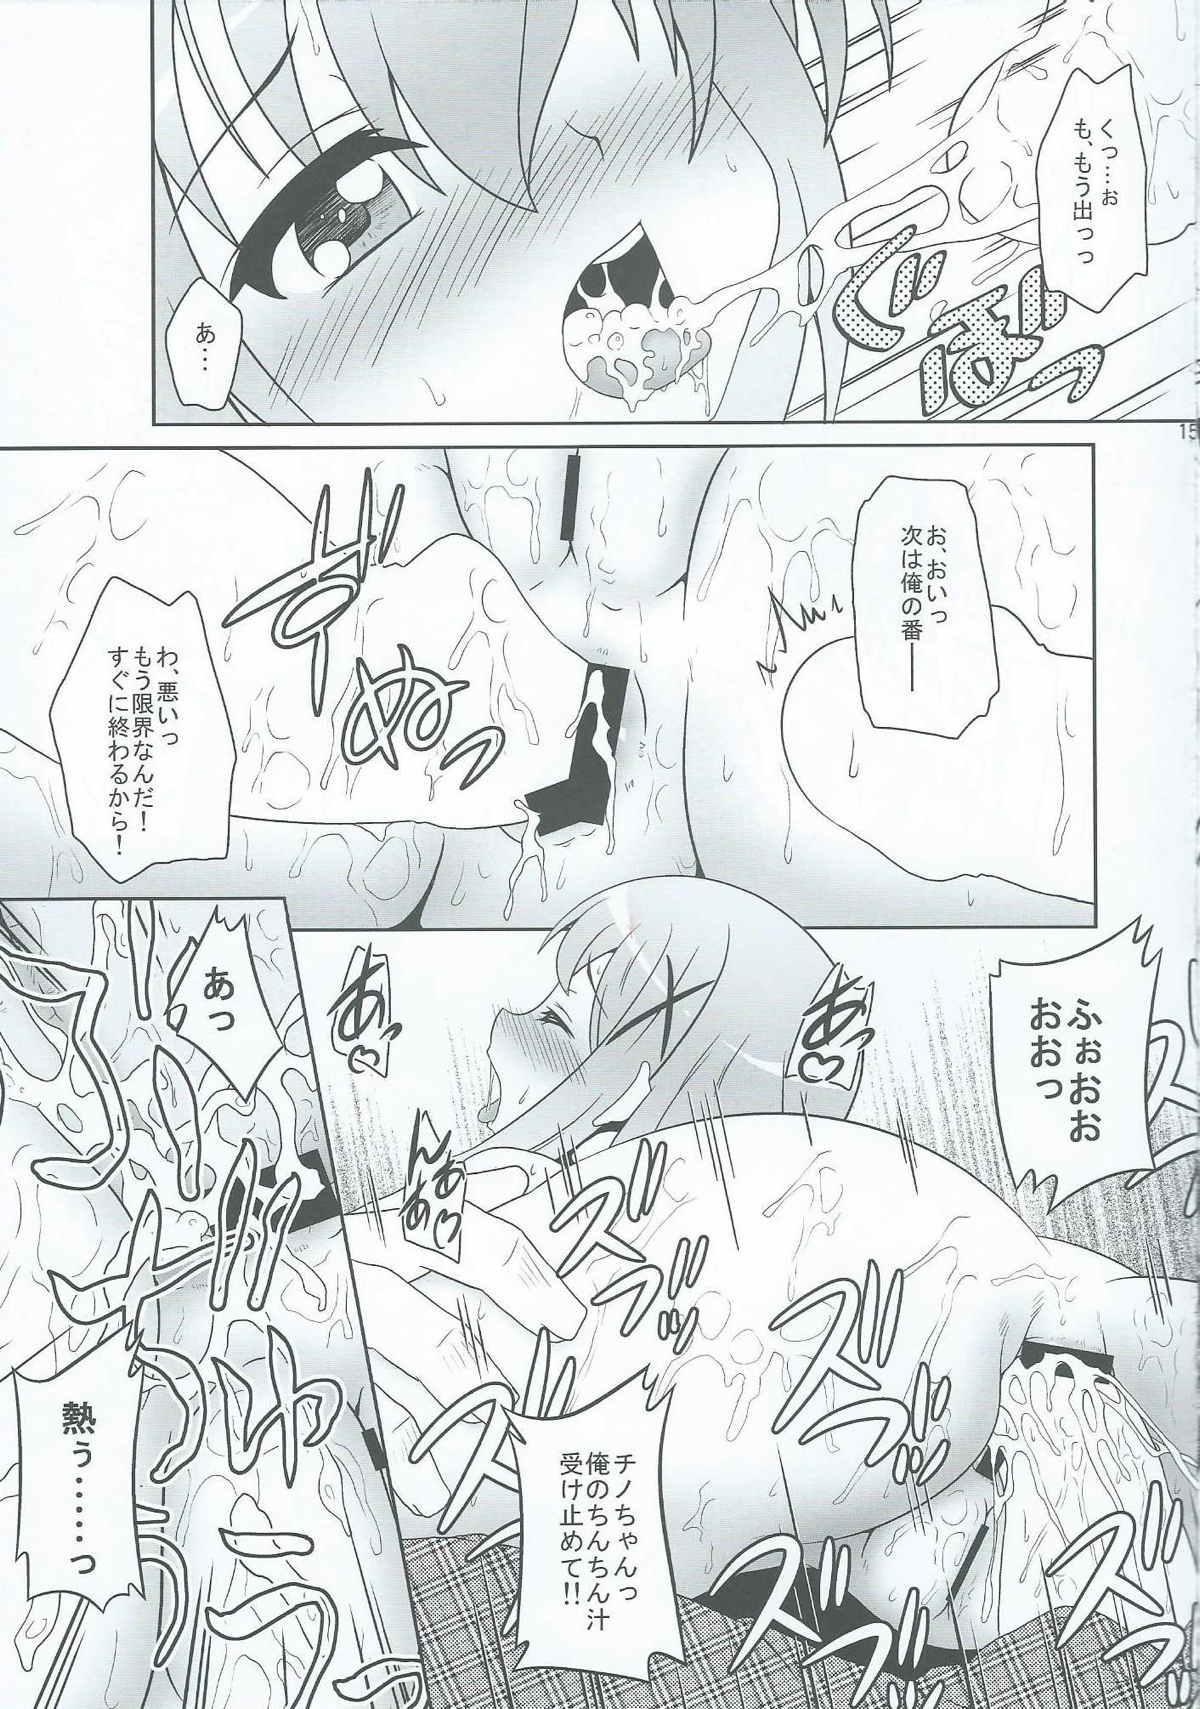 Gochuumontte Watashi desu ka!? 14